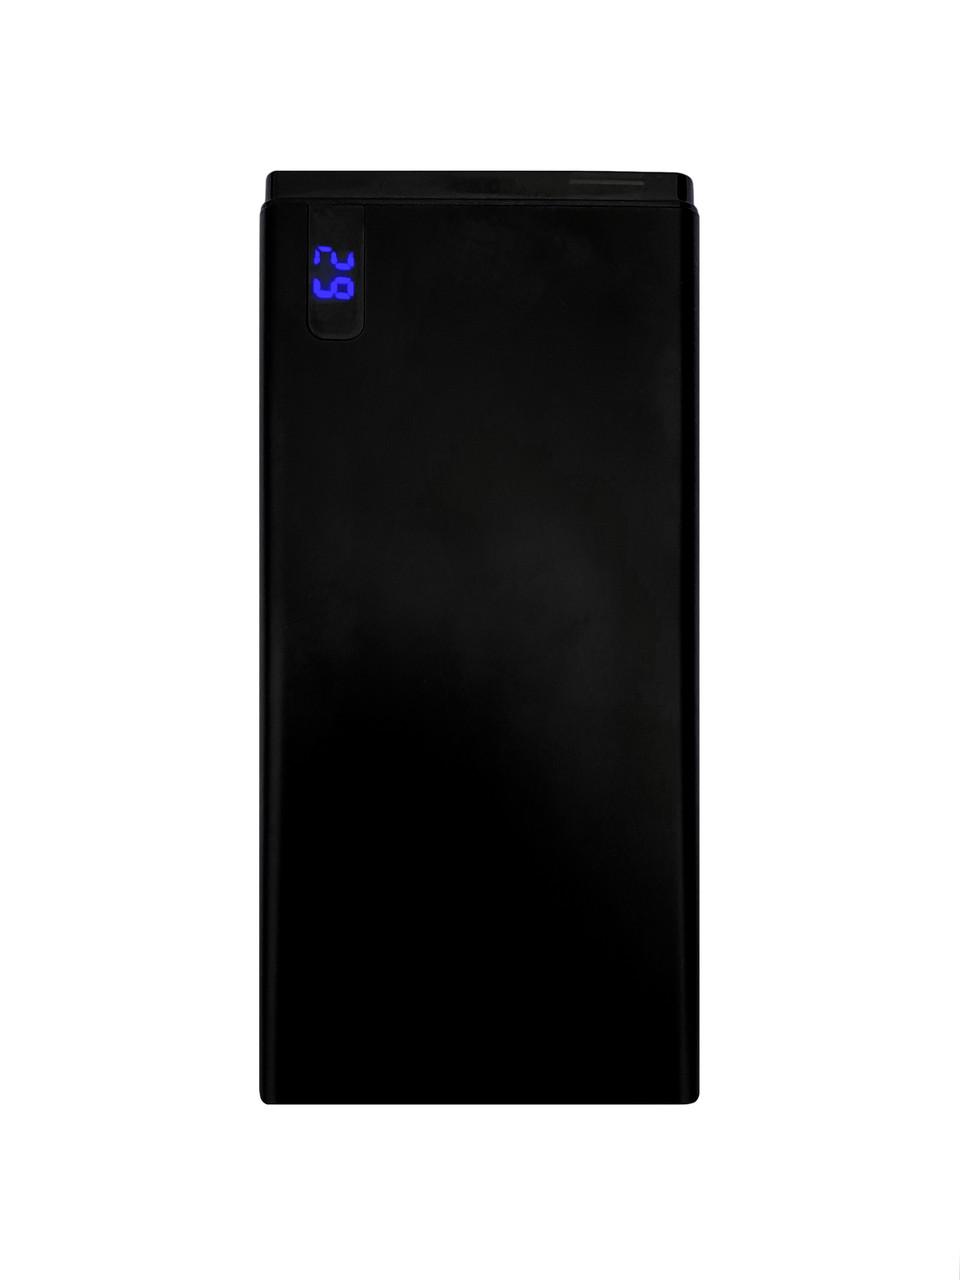 Портативная батарея XON PowerBank XE 10000 mAh Black